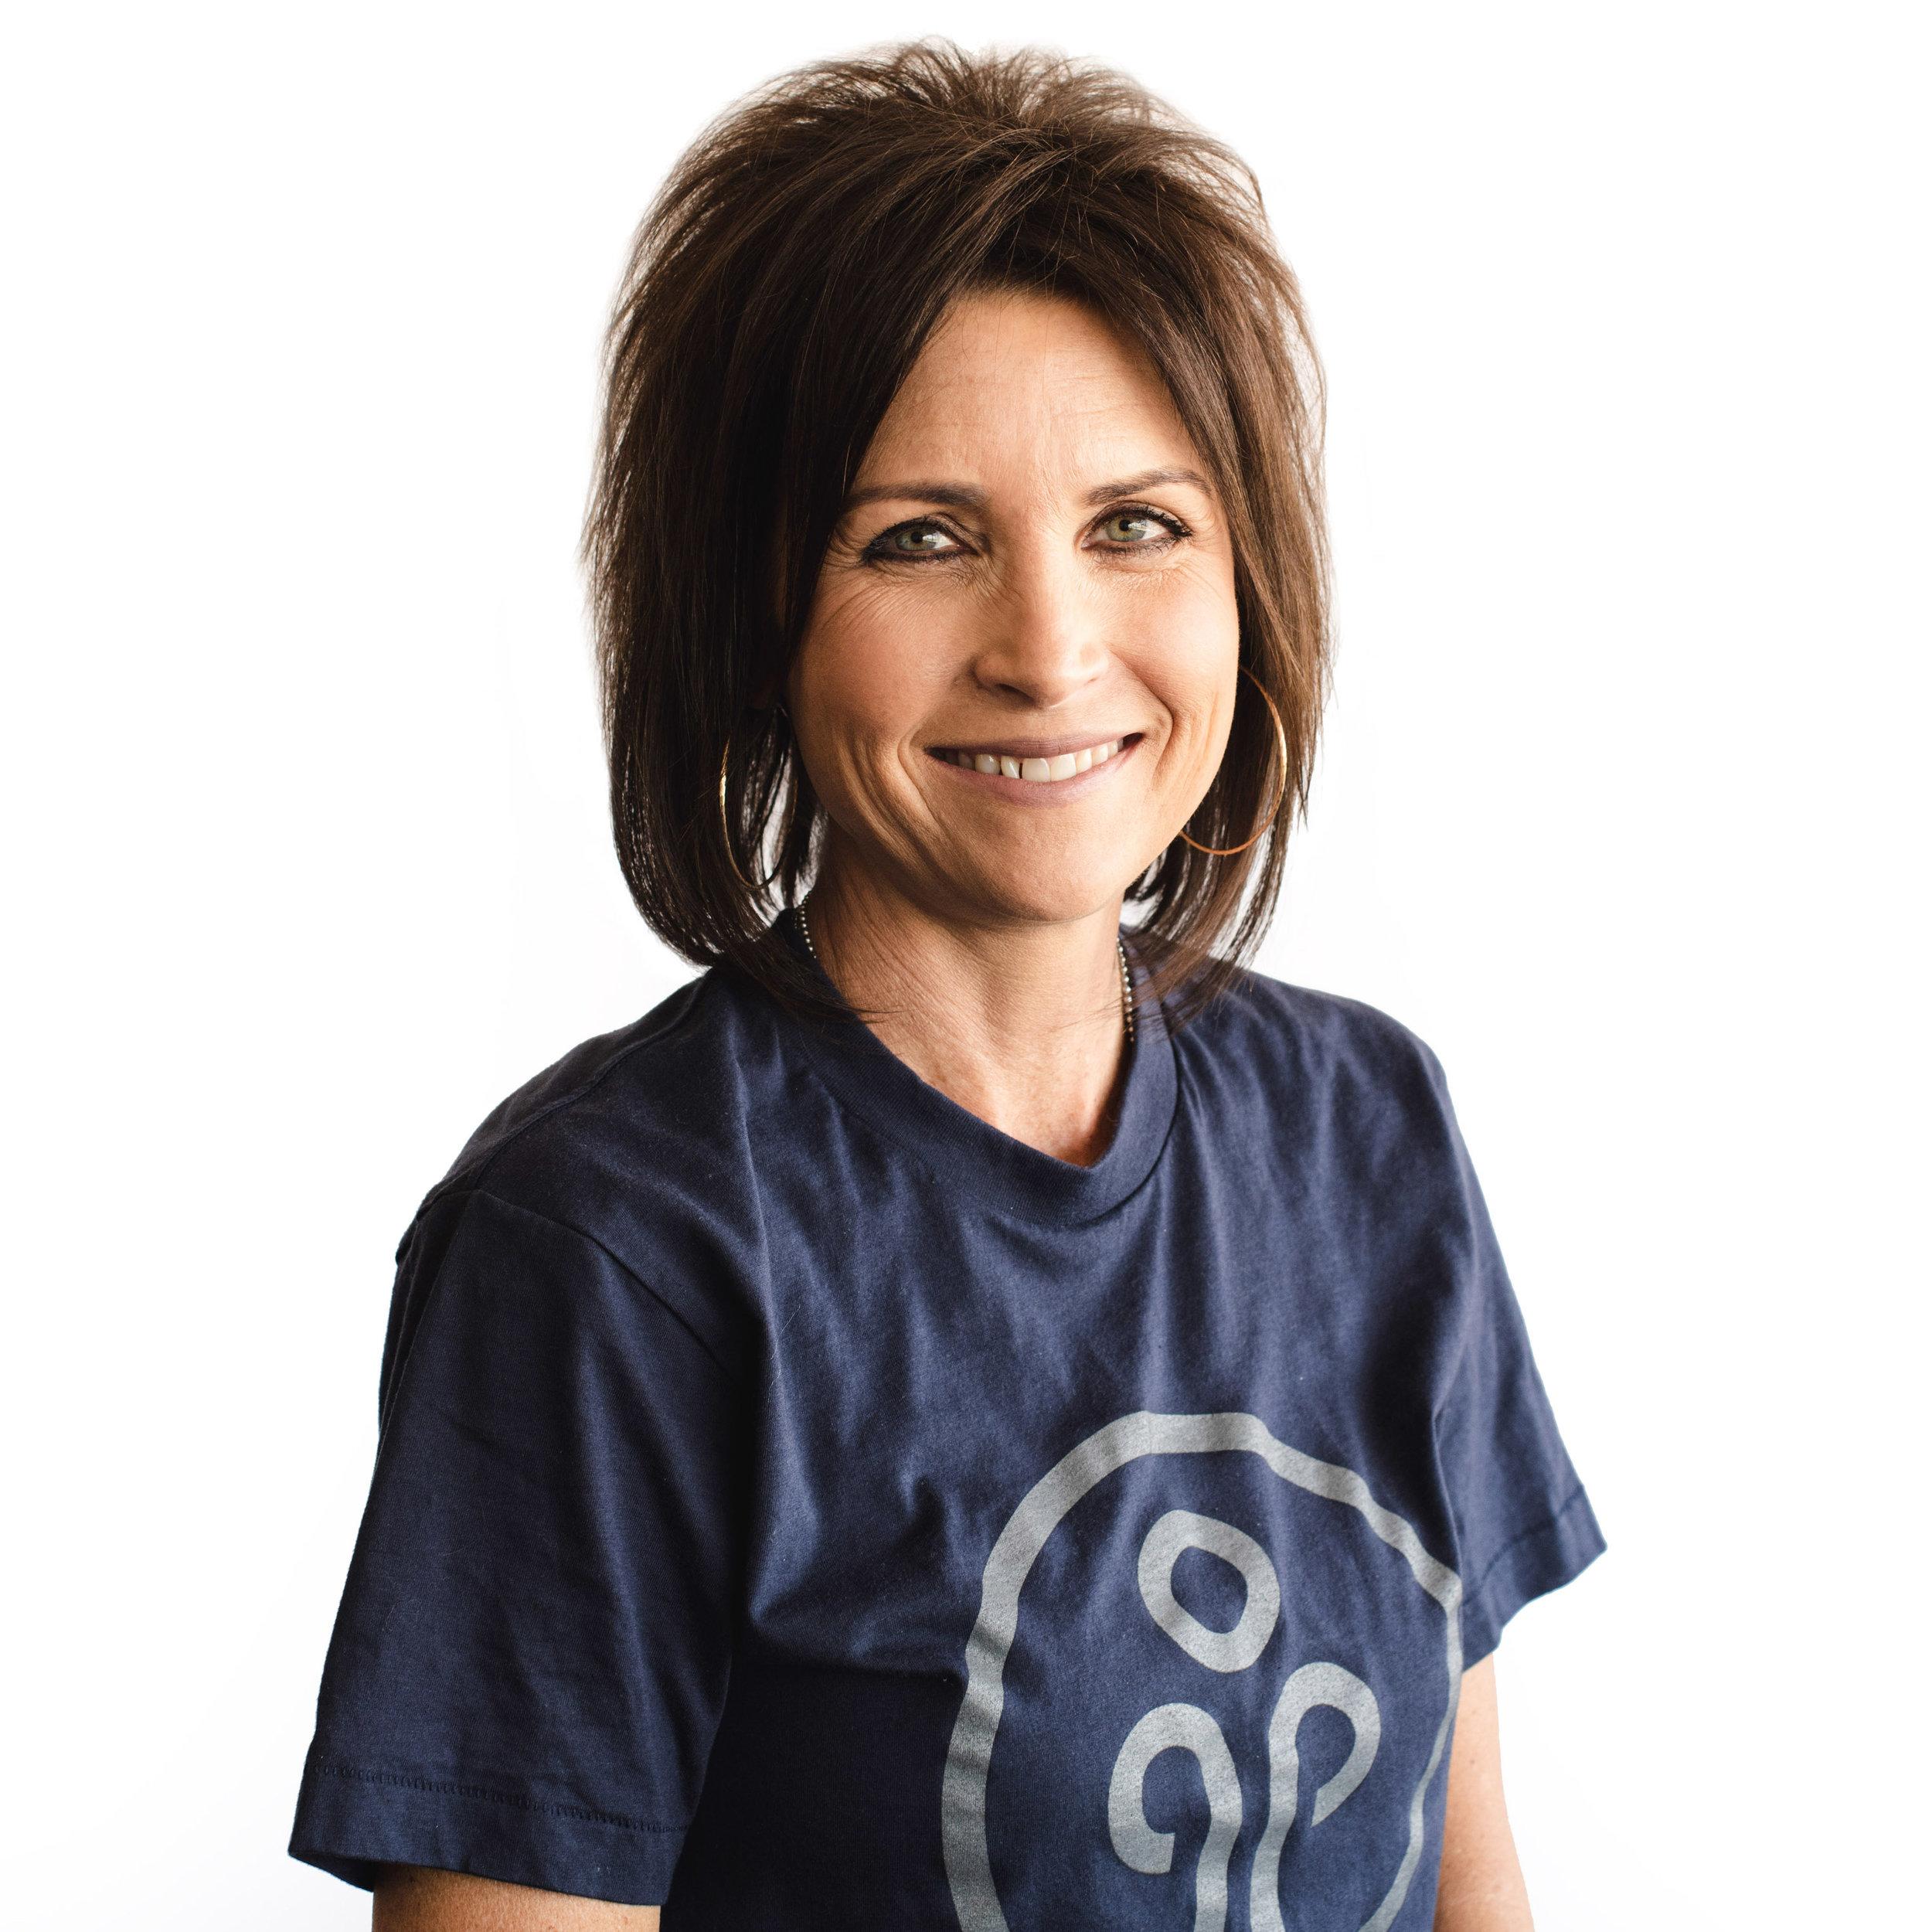 Michelle Guggenberger - Coach